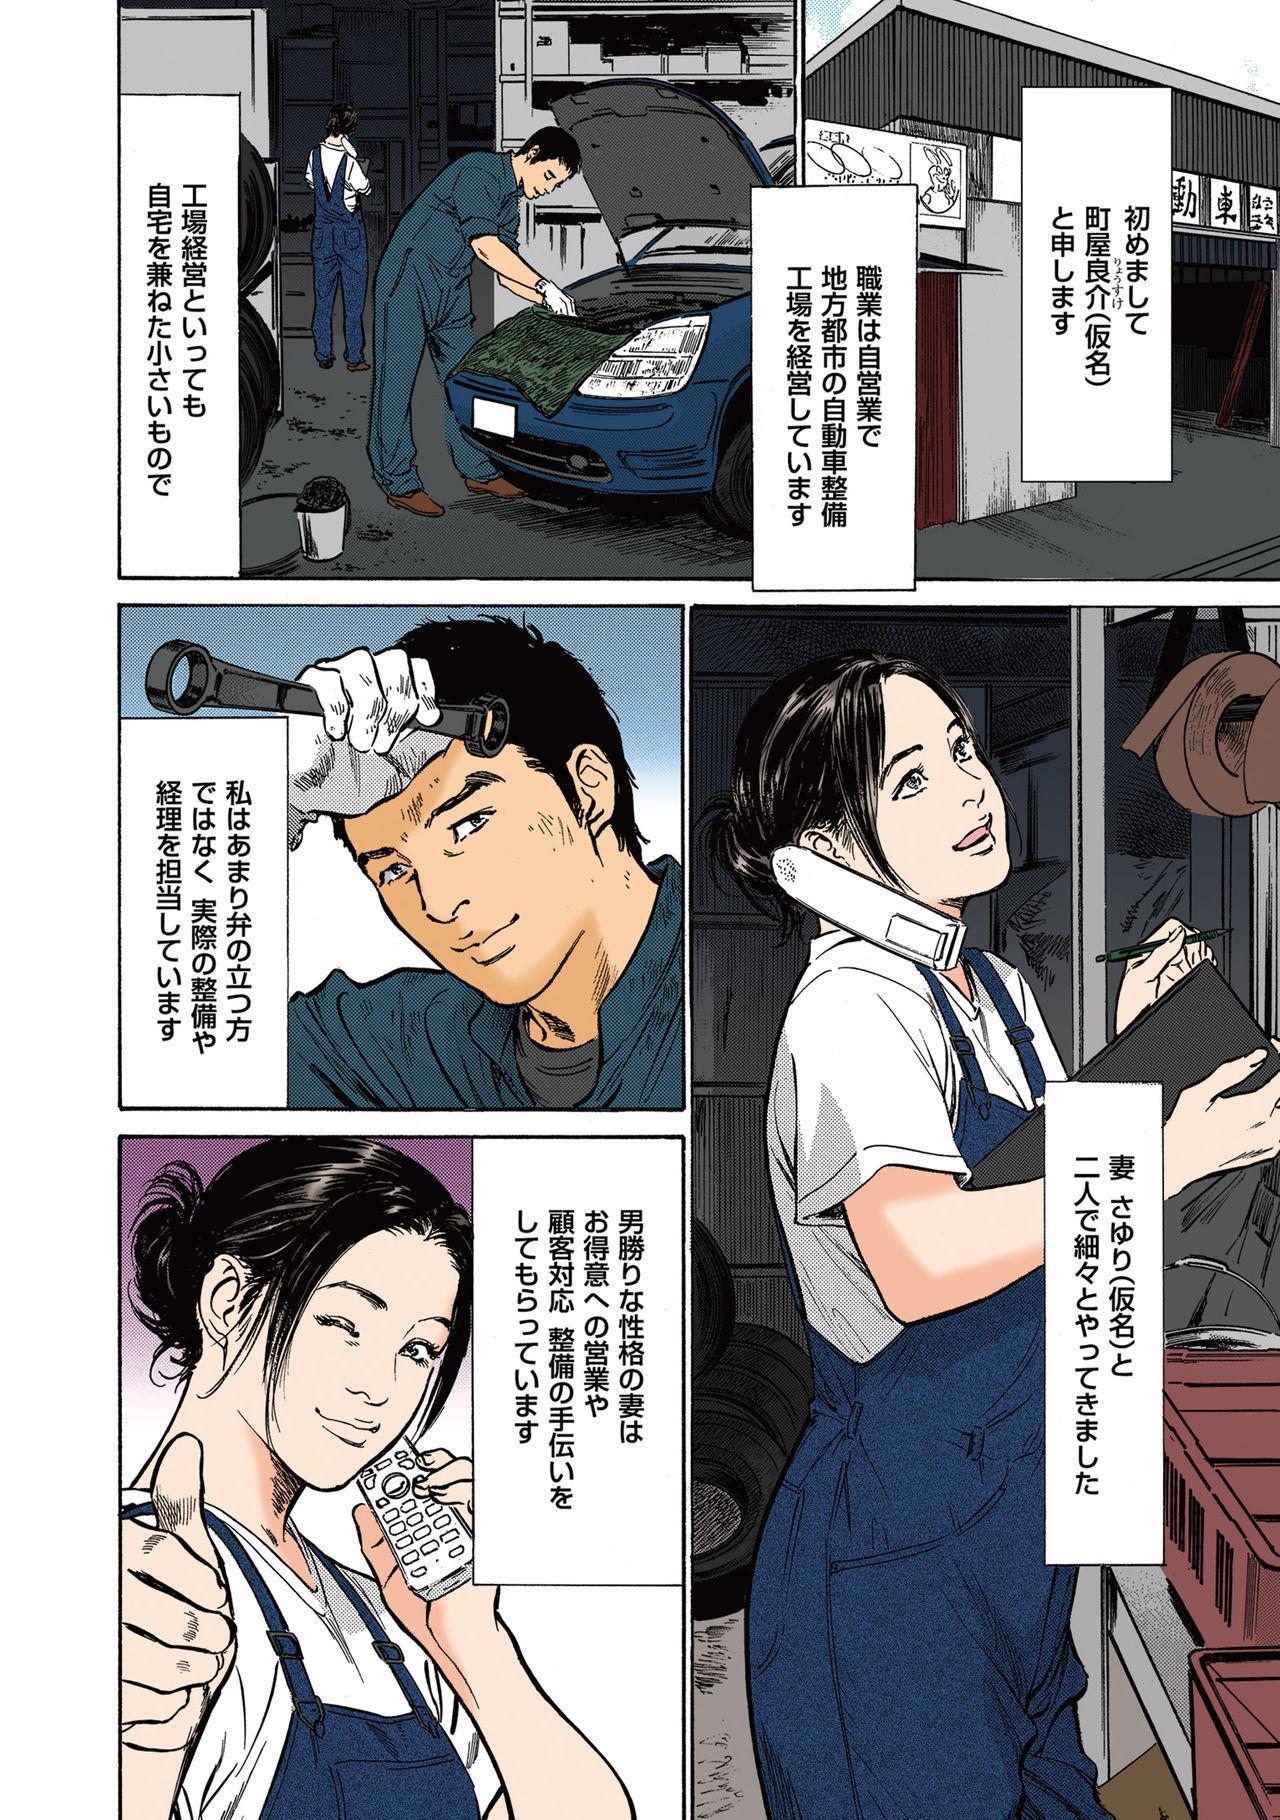 [Hazuki Kaoru] Hazuki Kaoru no Tamaranai Hanashi (Full Color Version) 2-1 69